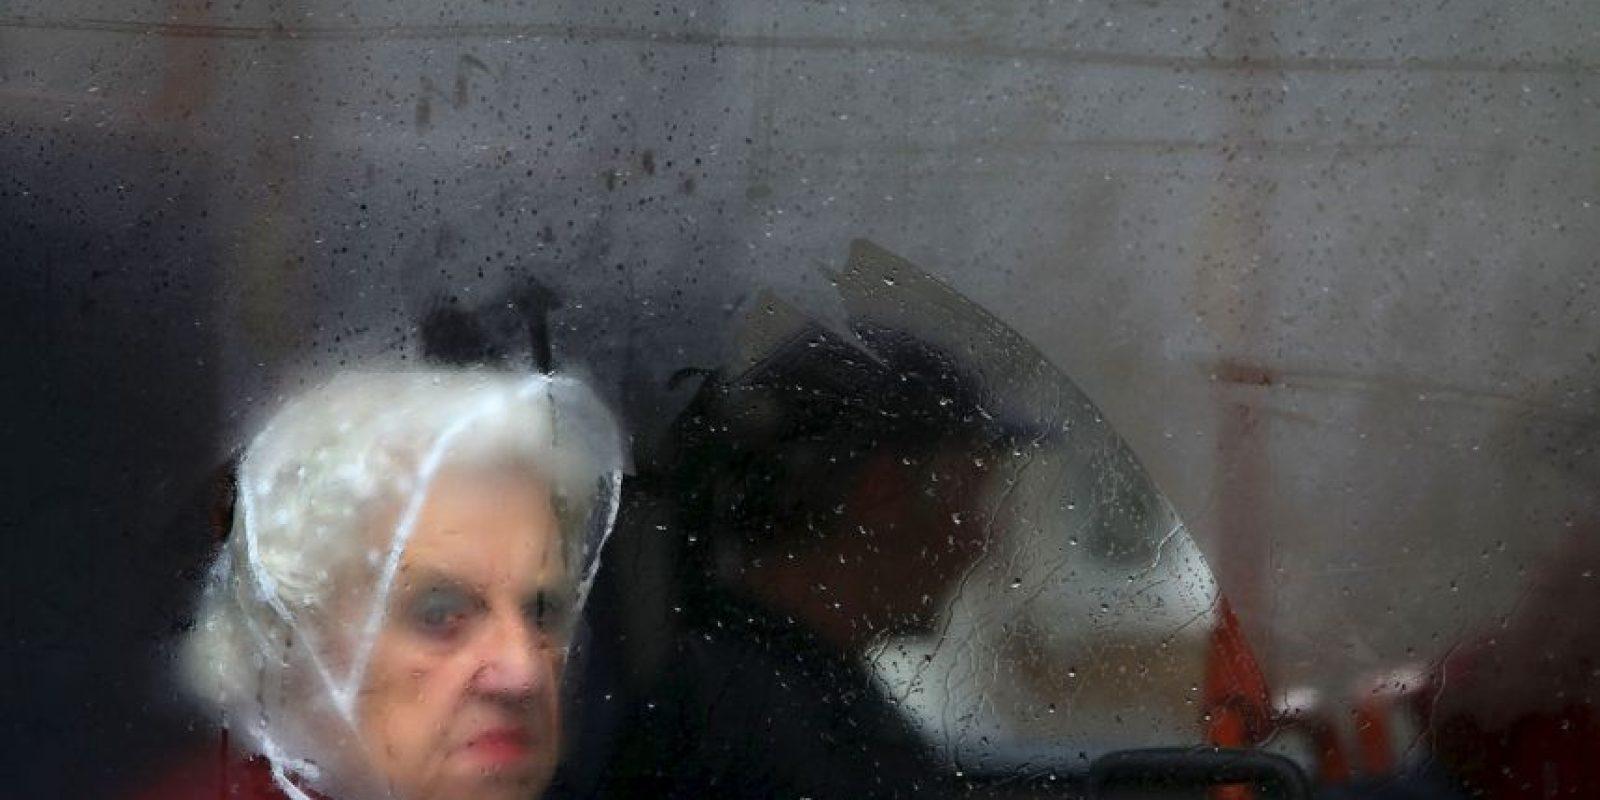 Los especialistas del Instituto Mexicano del Seguro Social advierten que enojarse frecuentemente puede provocar males graves o generar algún trastorno. Foto:Tumblr.com/Tagged-molesto